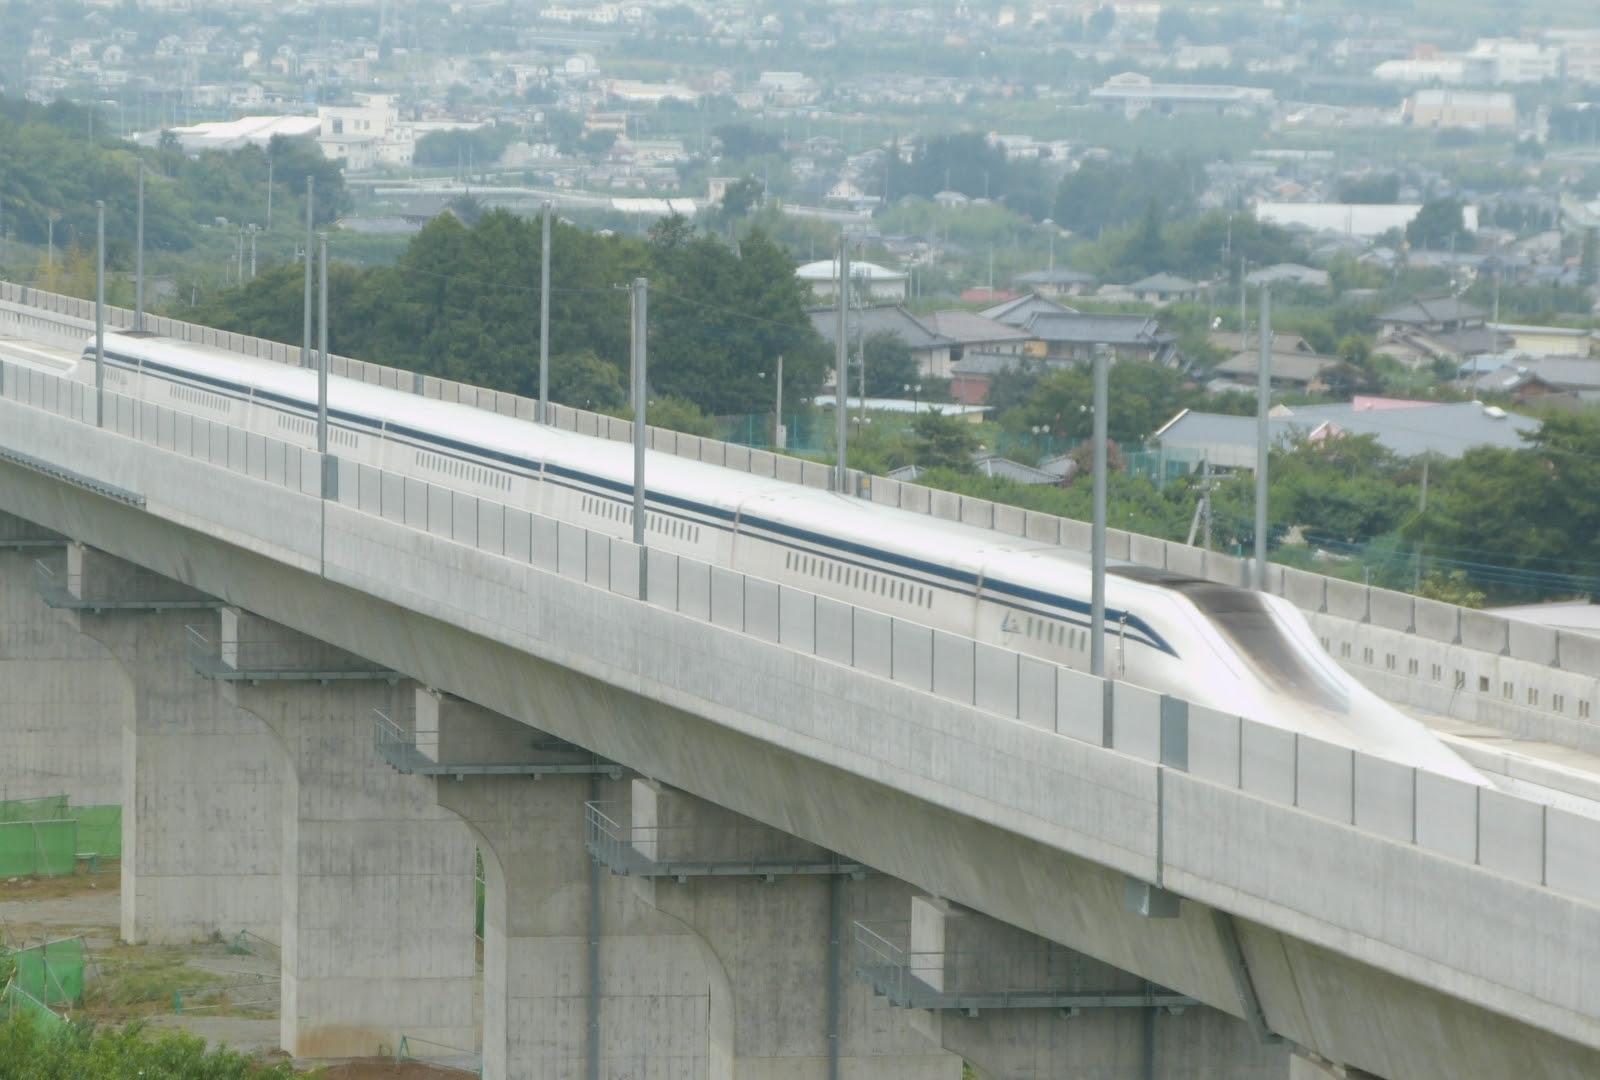 JR Central SCMaglev L0 Series Shinkansen 201408081002.jpg